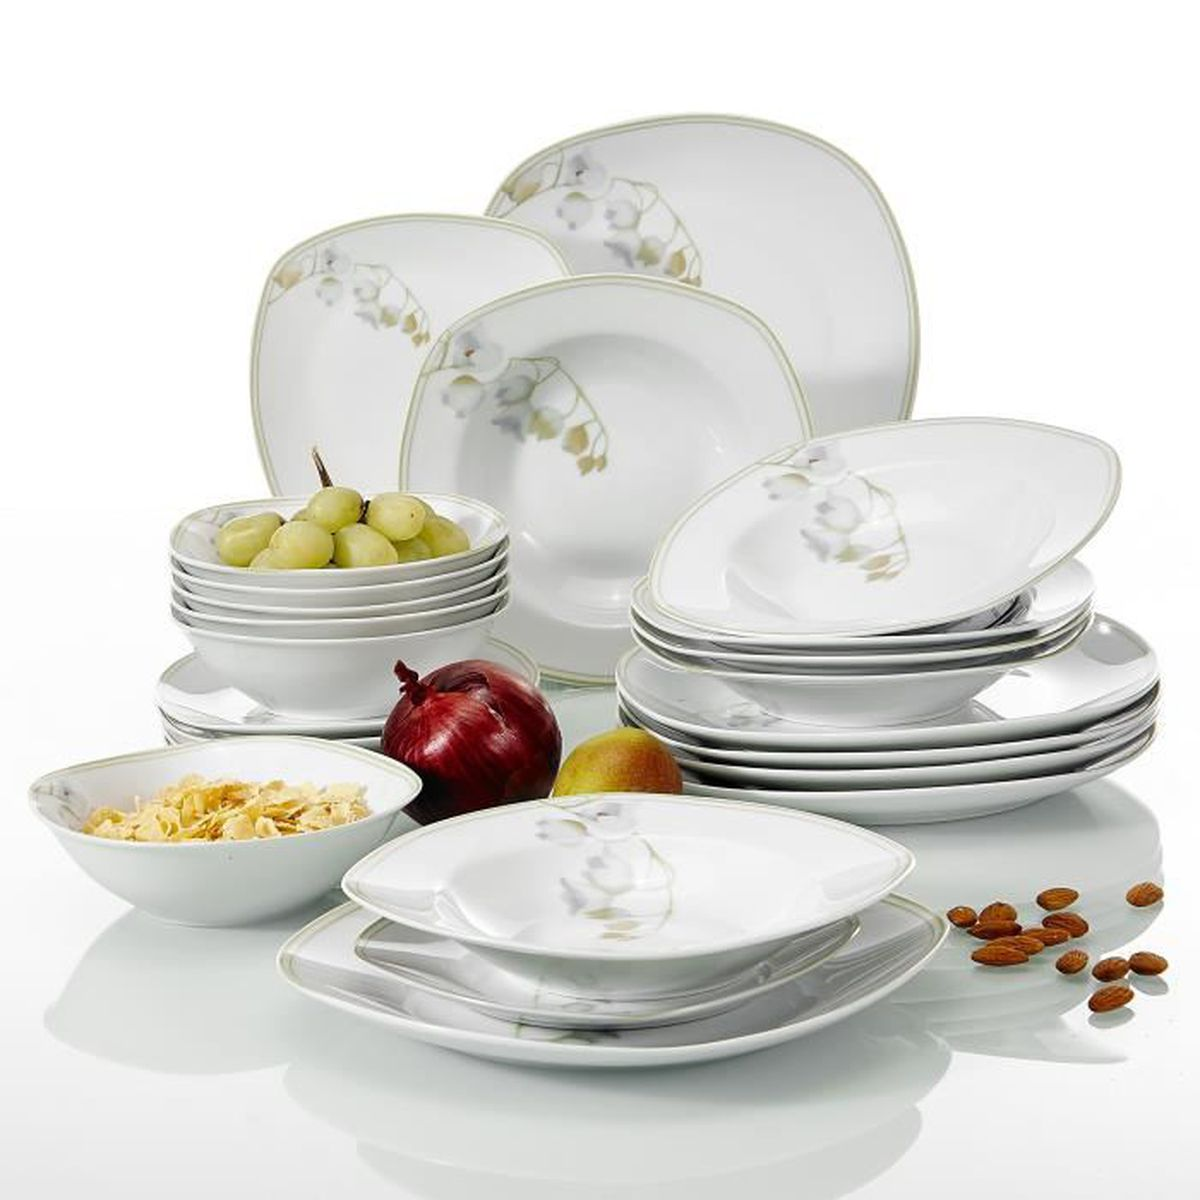 SERVICE COMPLET Veweet EMILY 24 pièces Service de Table Pocelaine. Lot de  24pcs assiettes ... 7b3b2de64a40